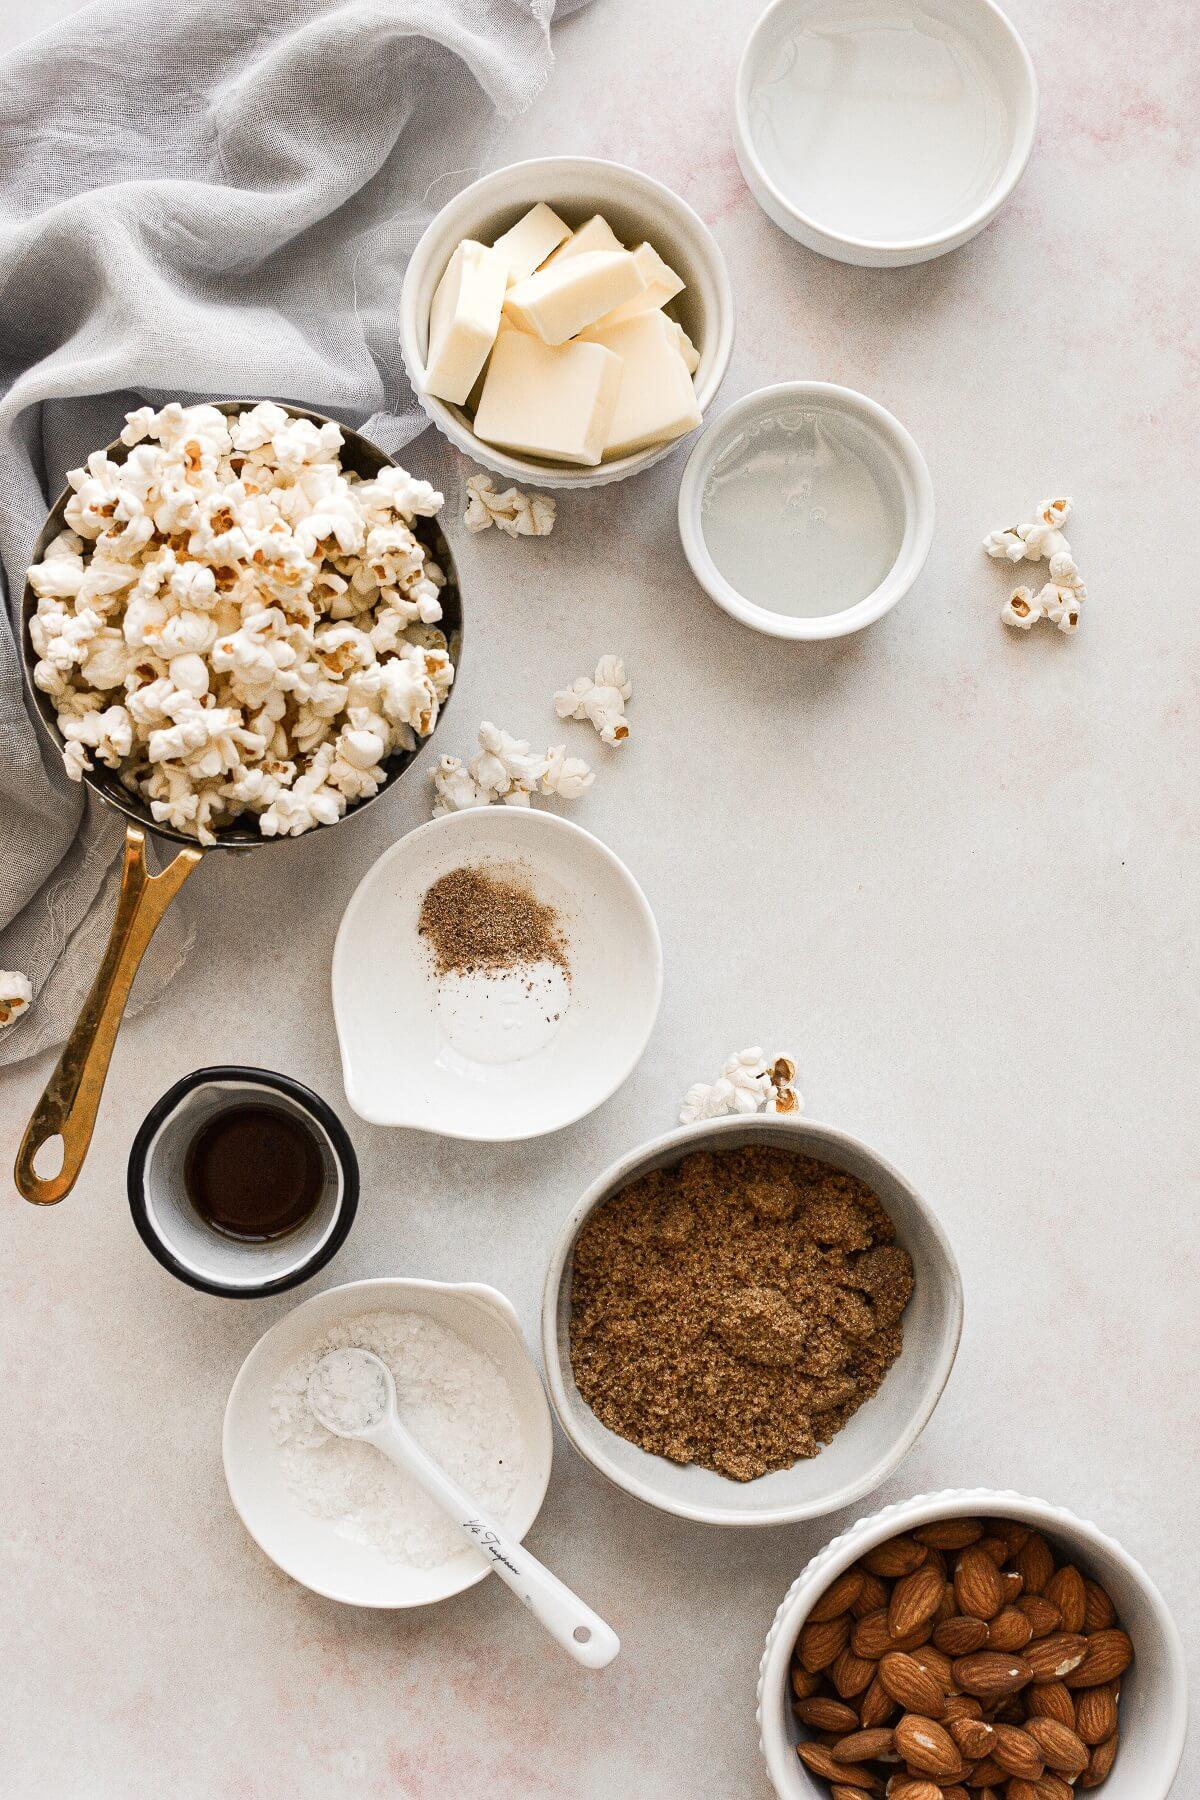 Ingredients for making homemade caramel popcorn.